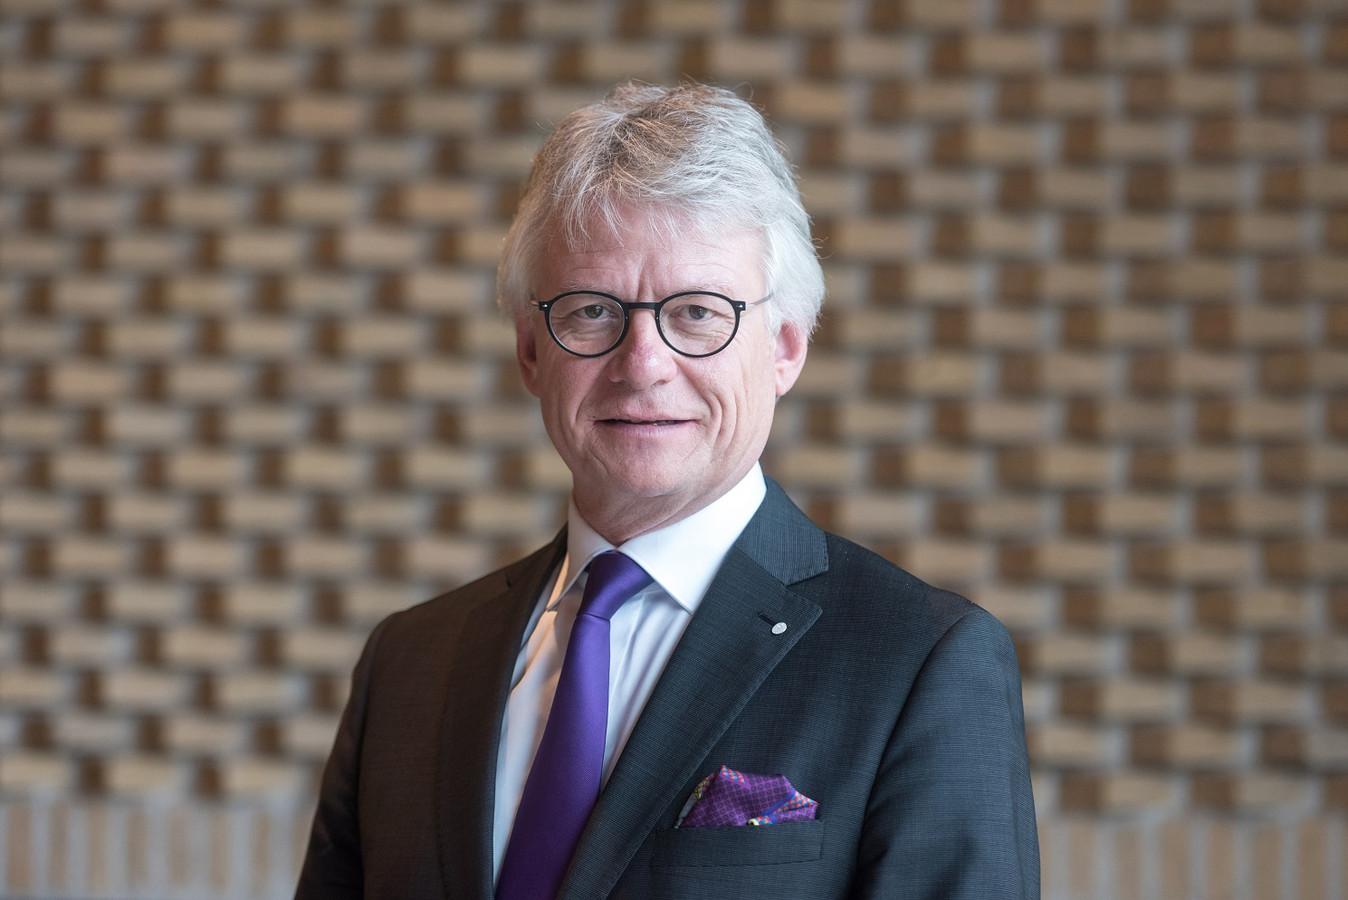 John Berends, commissaris van de Koning in Gelderland.